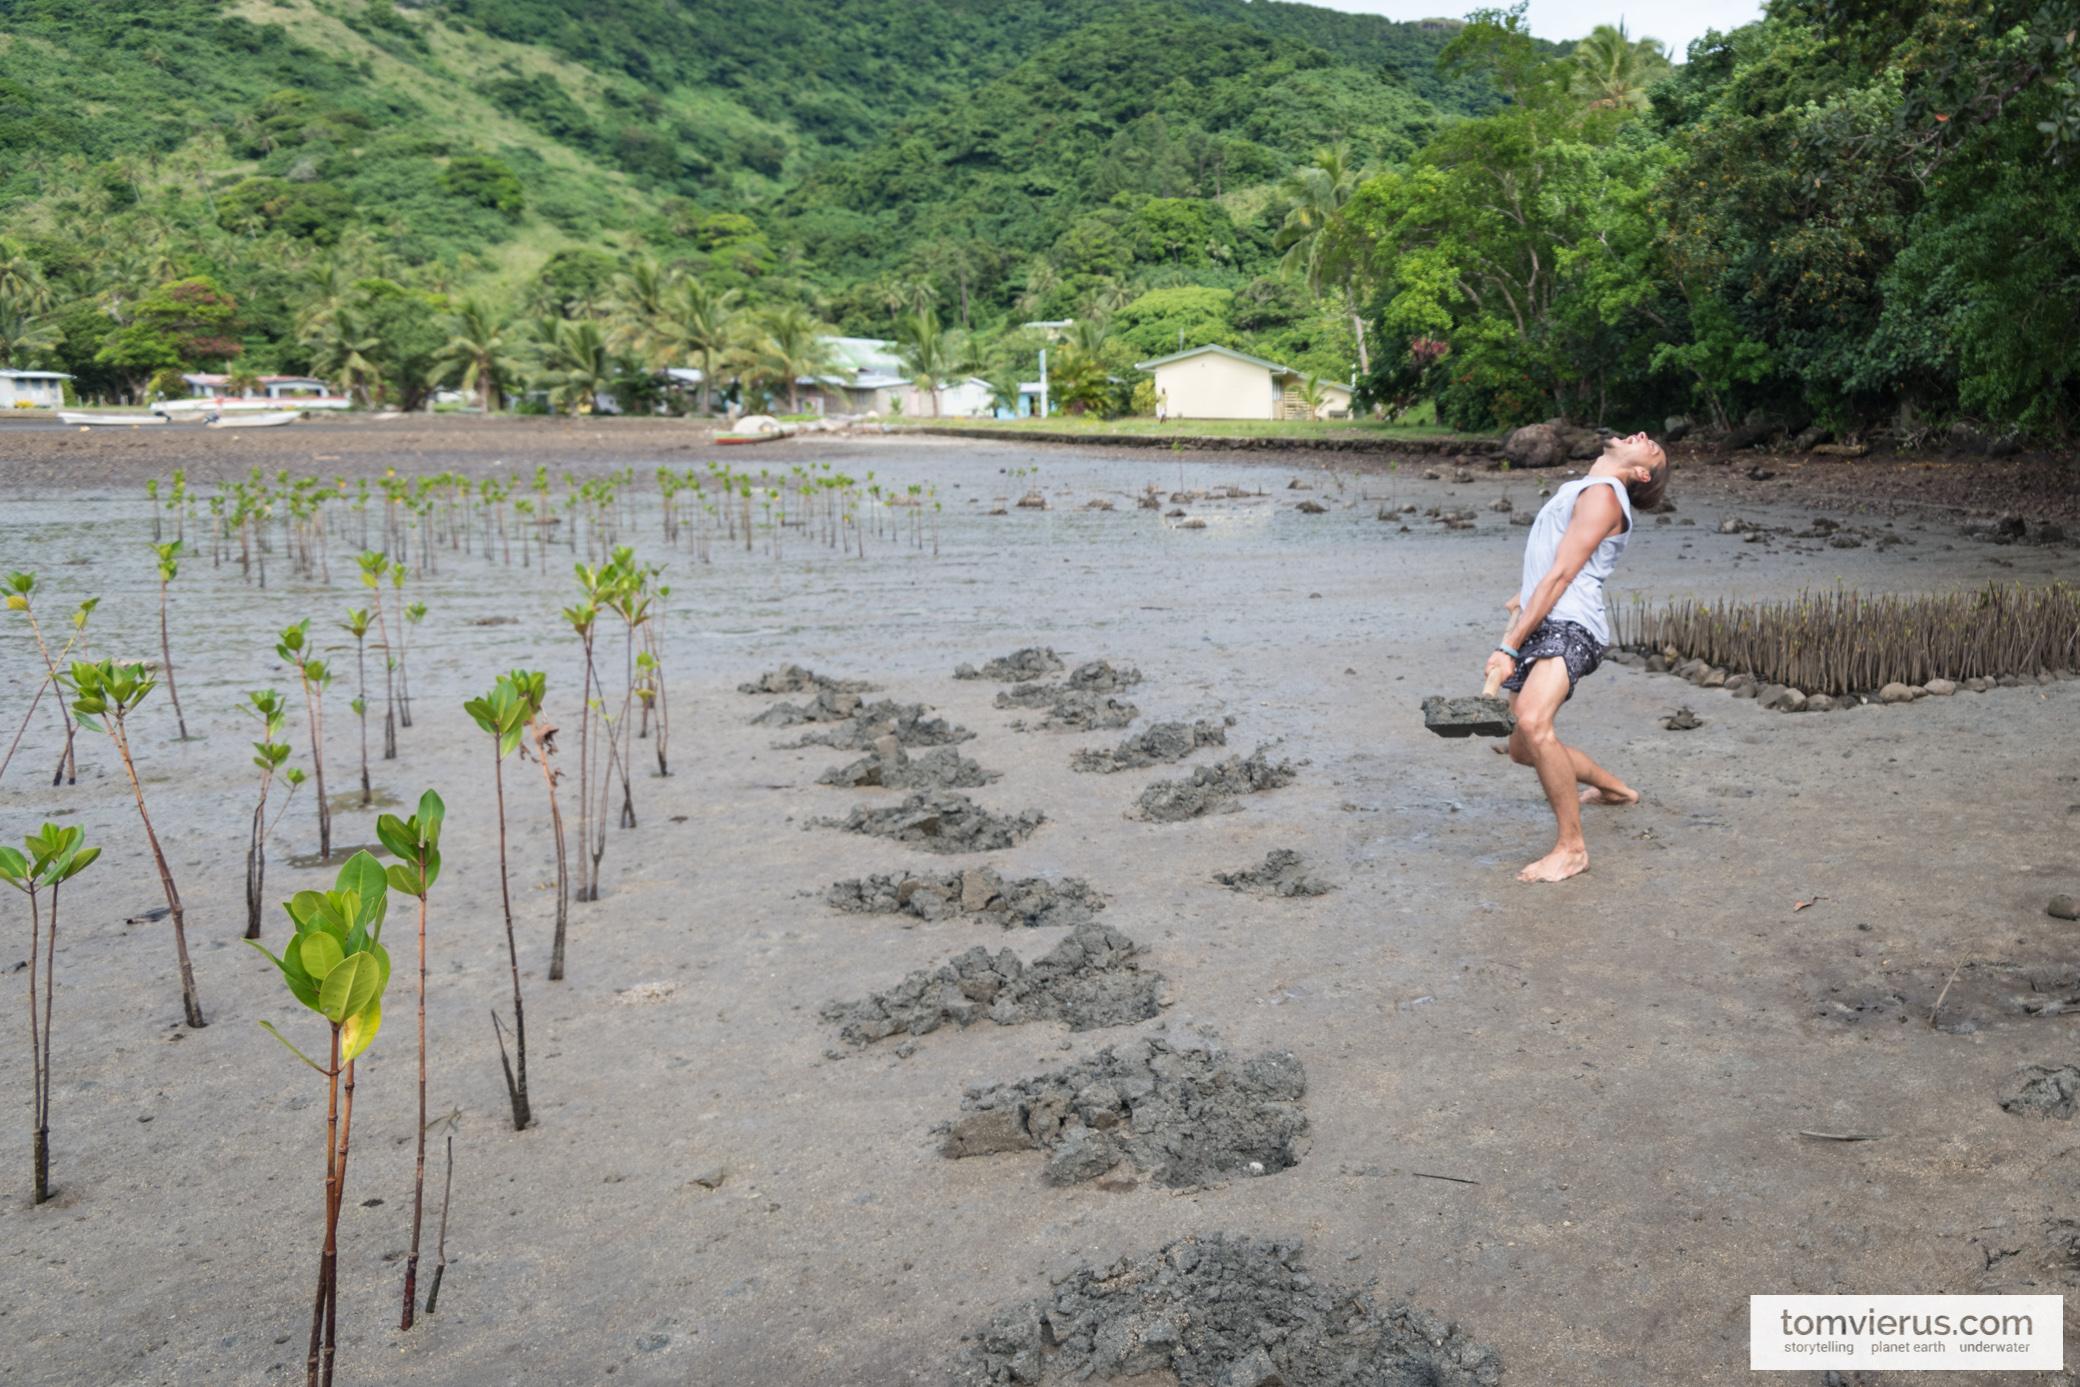 Tom Vierus, Beqa Island